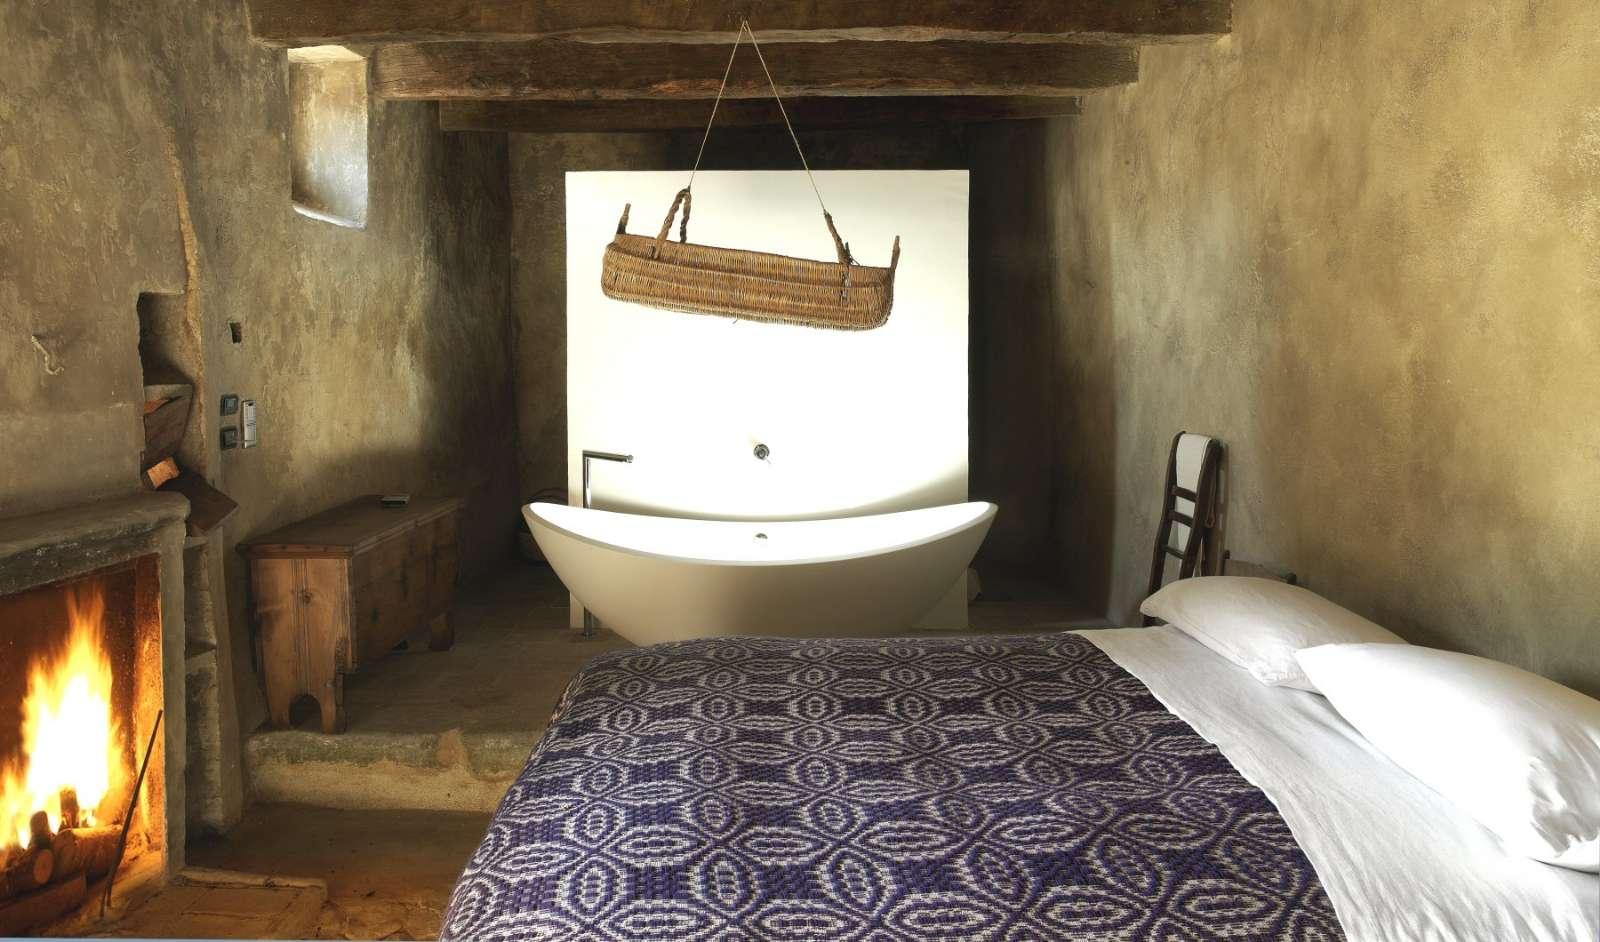 Mange værelser har fritstående badekar